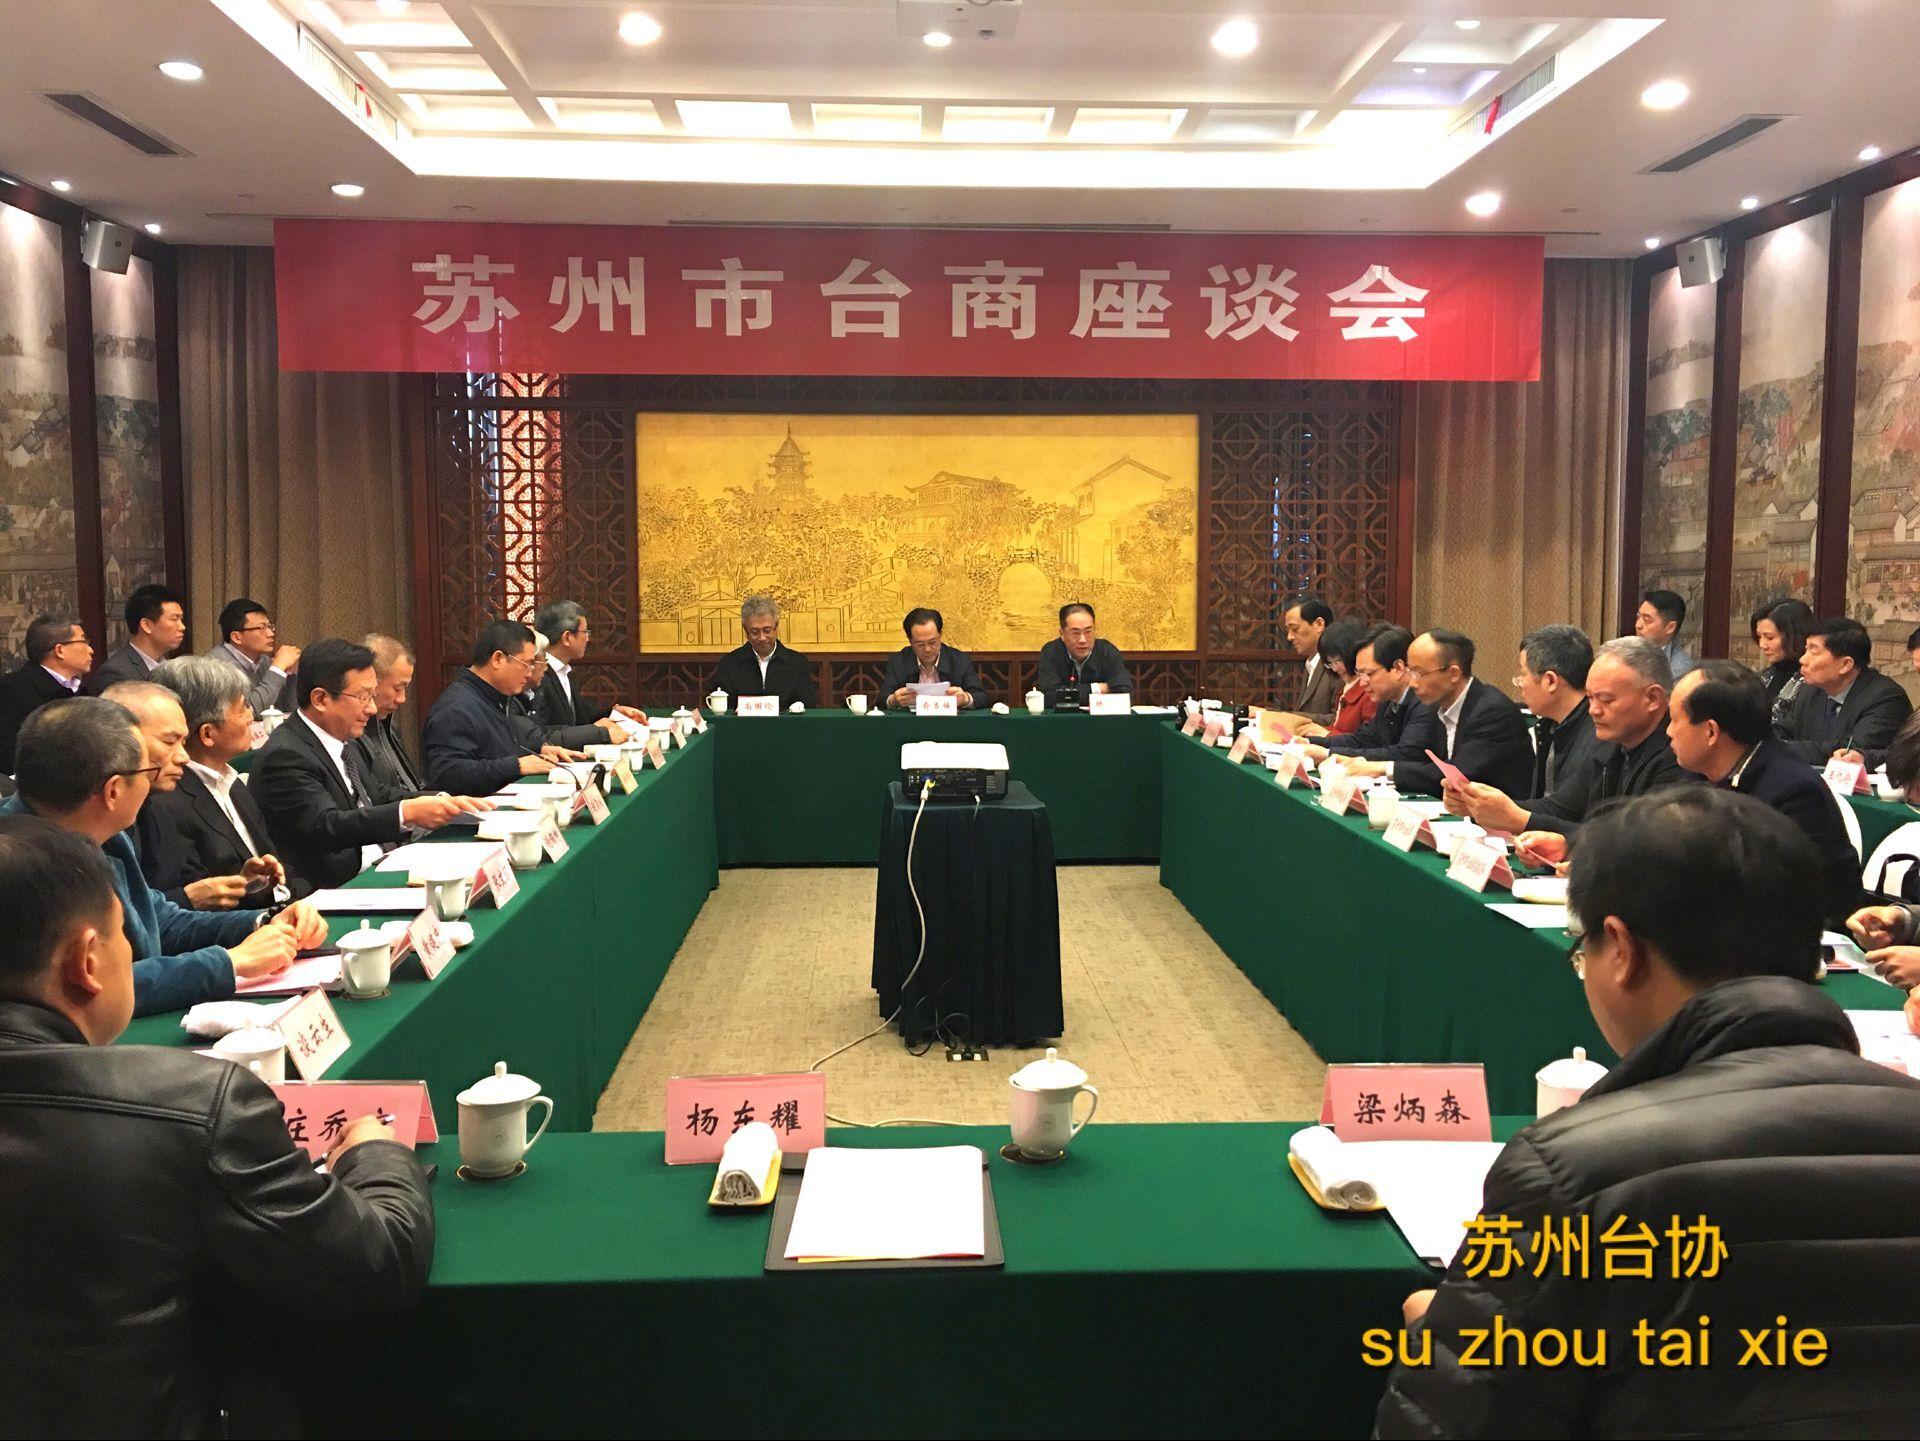 加快台企转型升级是苏州产业结构调整中的